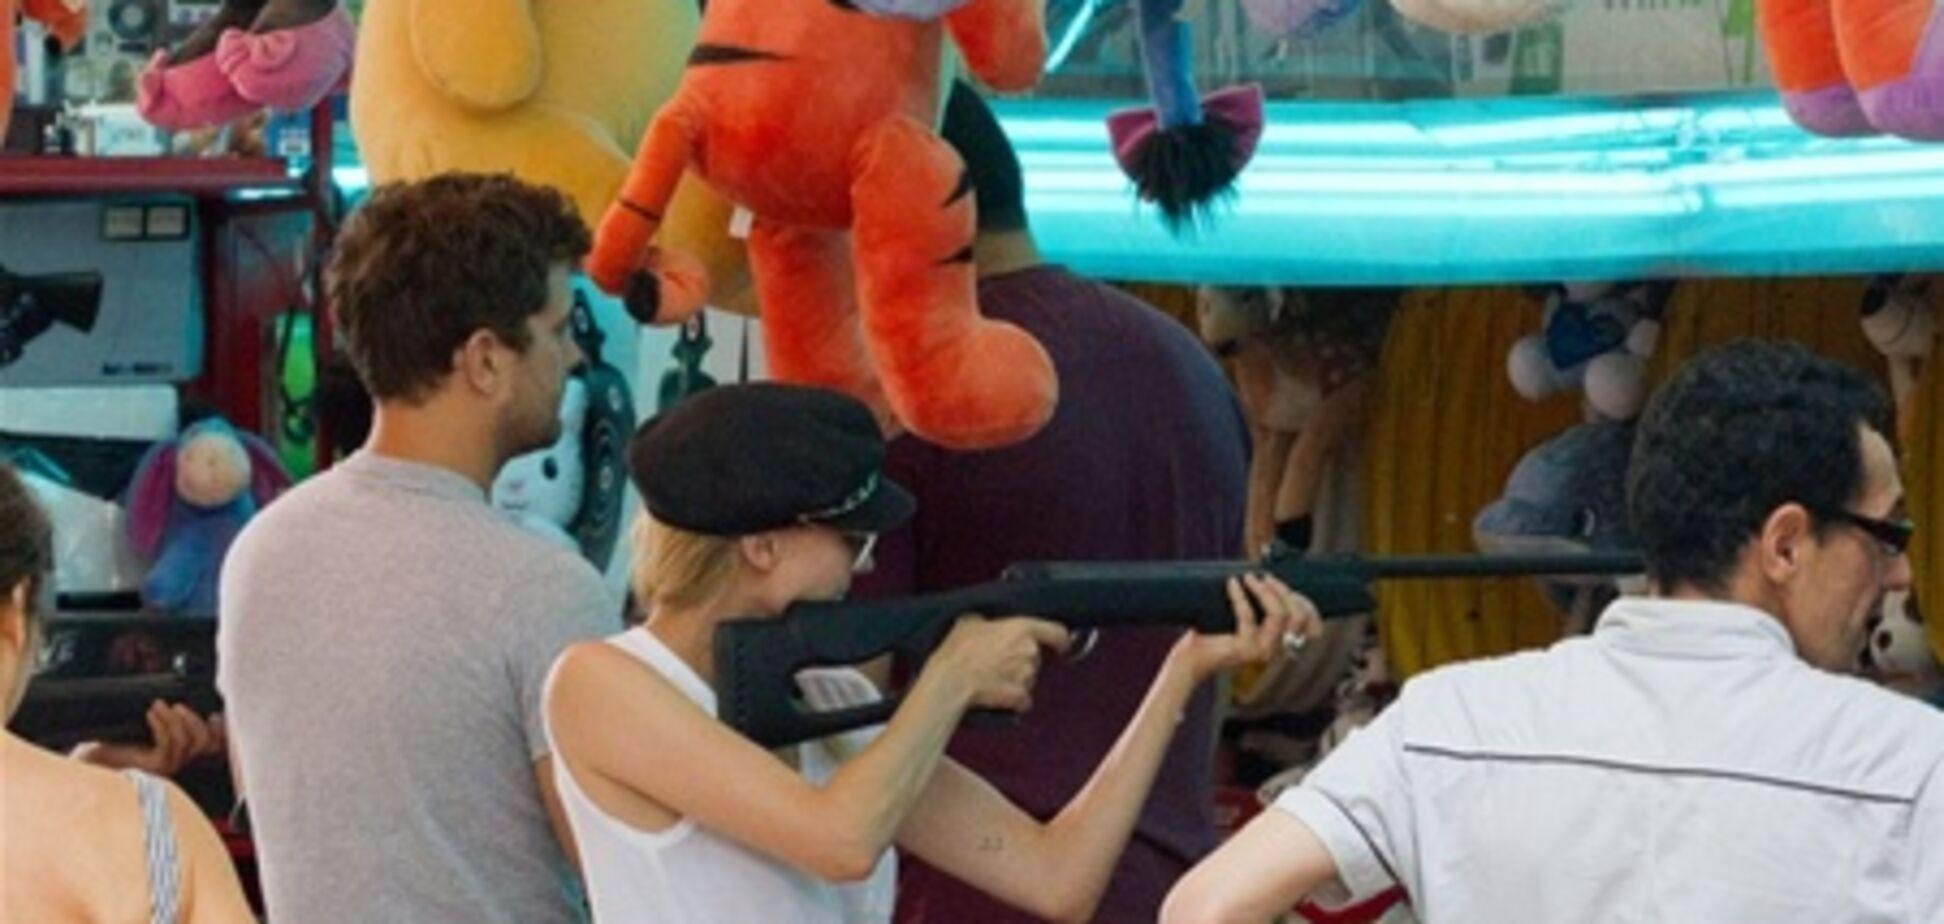 Дайан Крюгер умеет обращаться с оружием. Фото